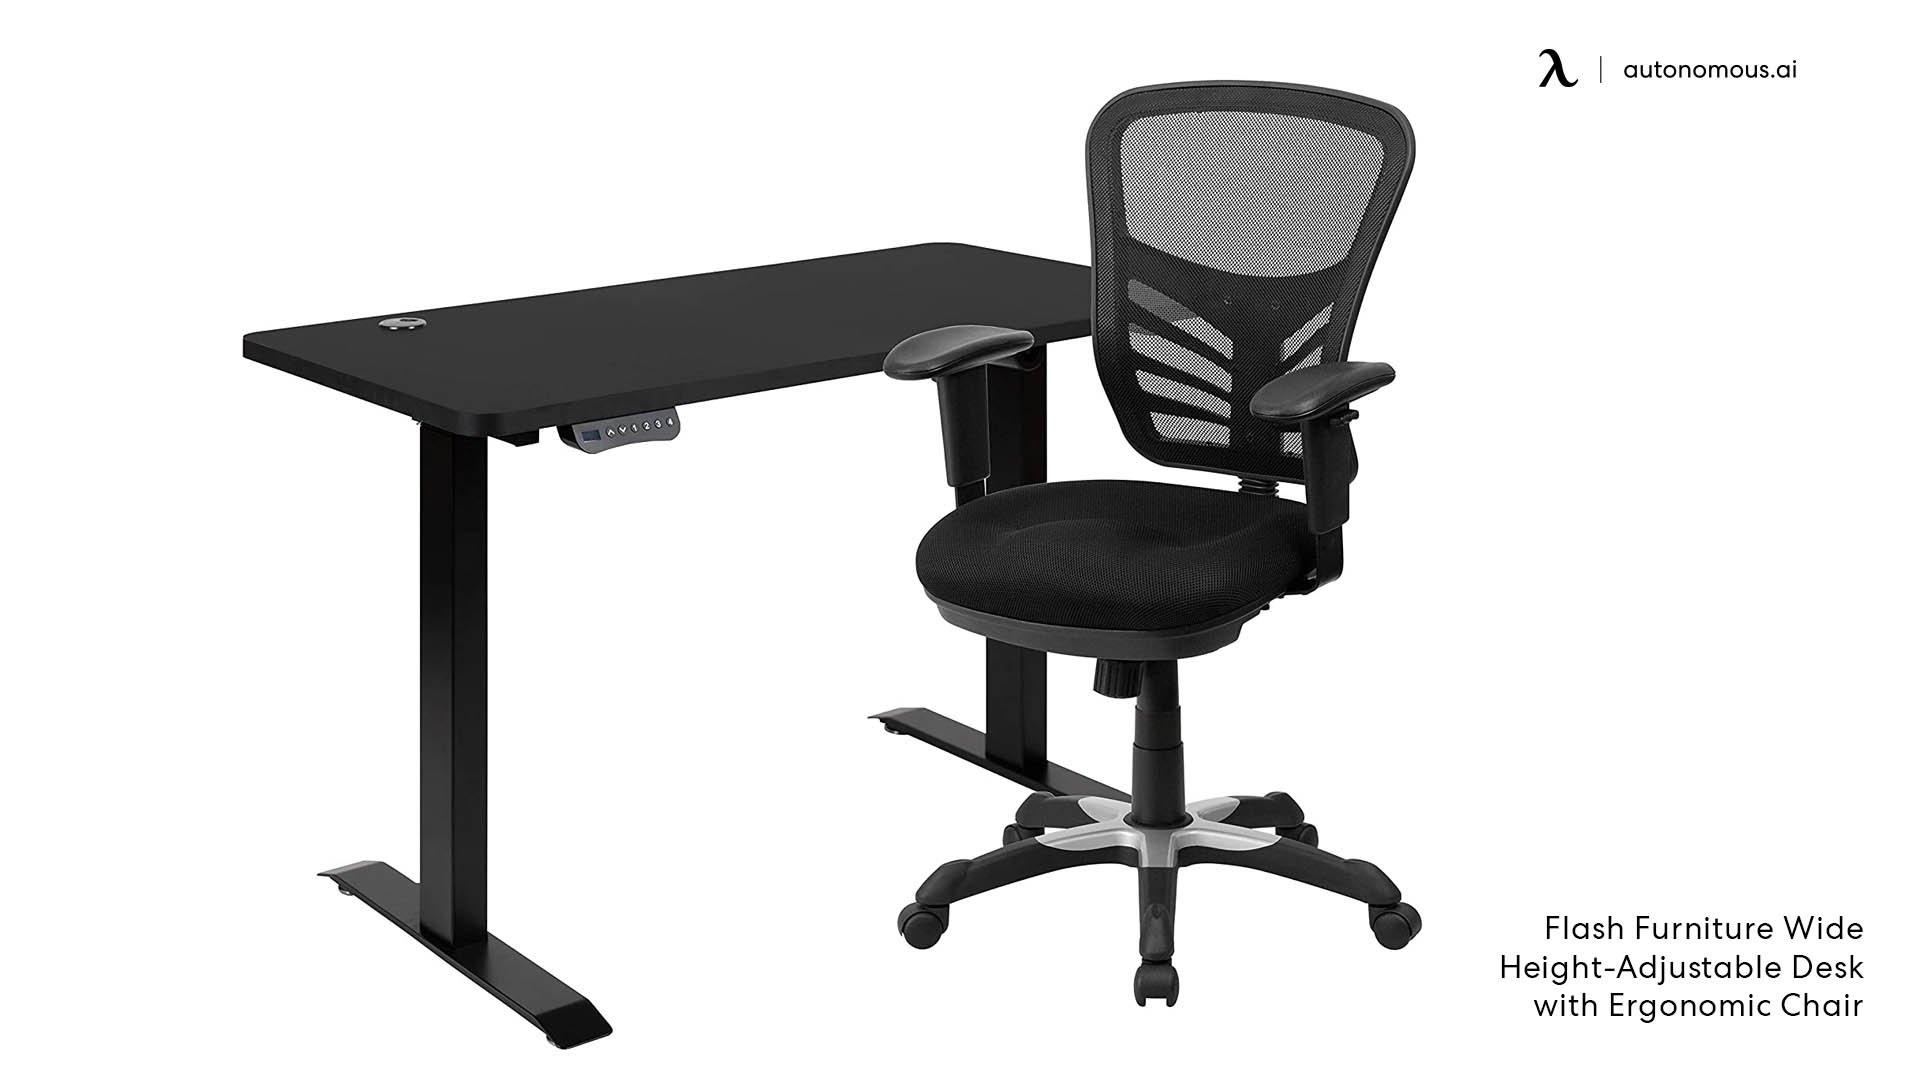 Flash Furniture Wide Height-Adjustable Desk